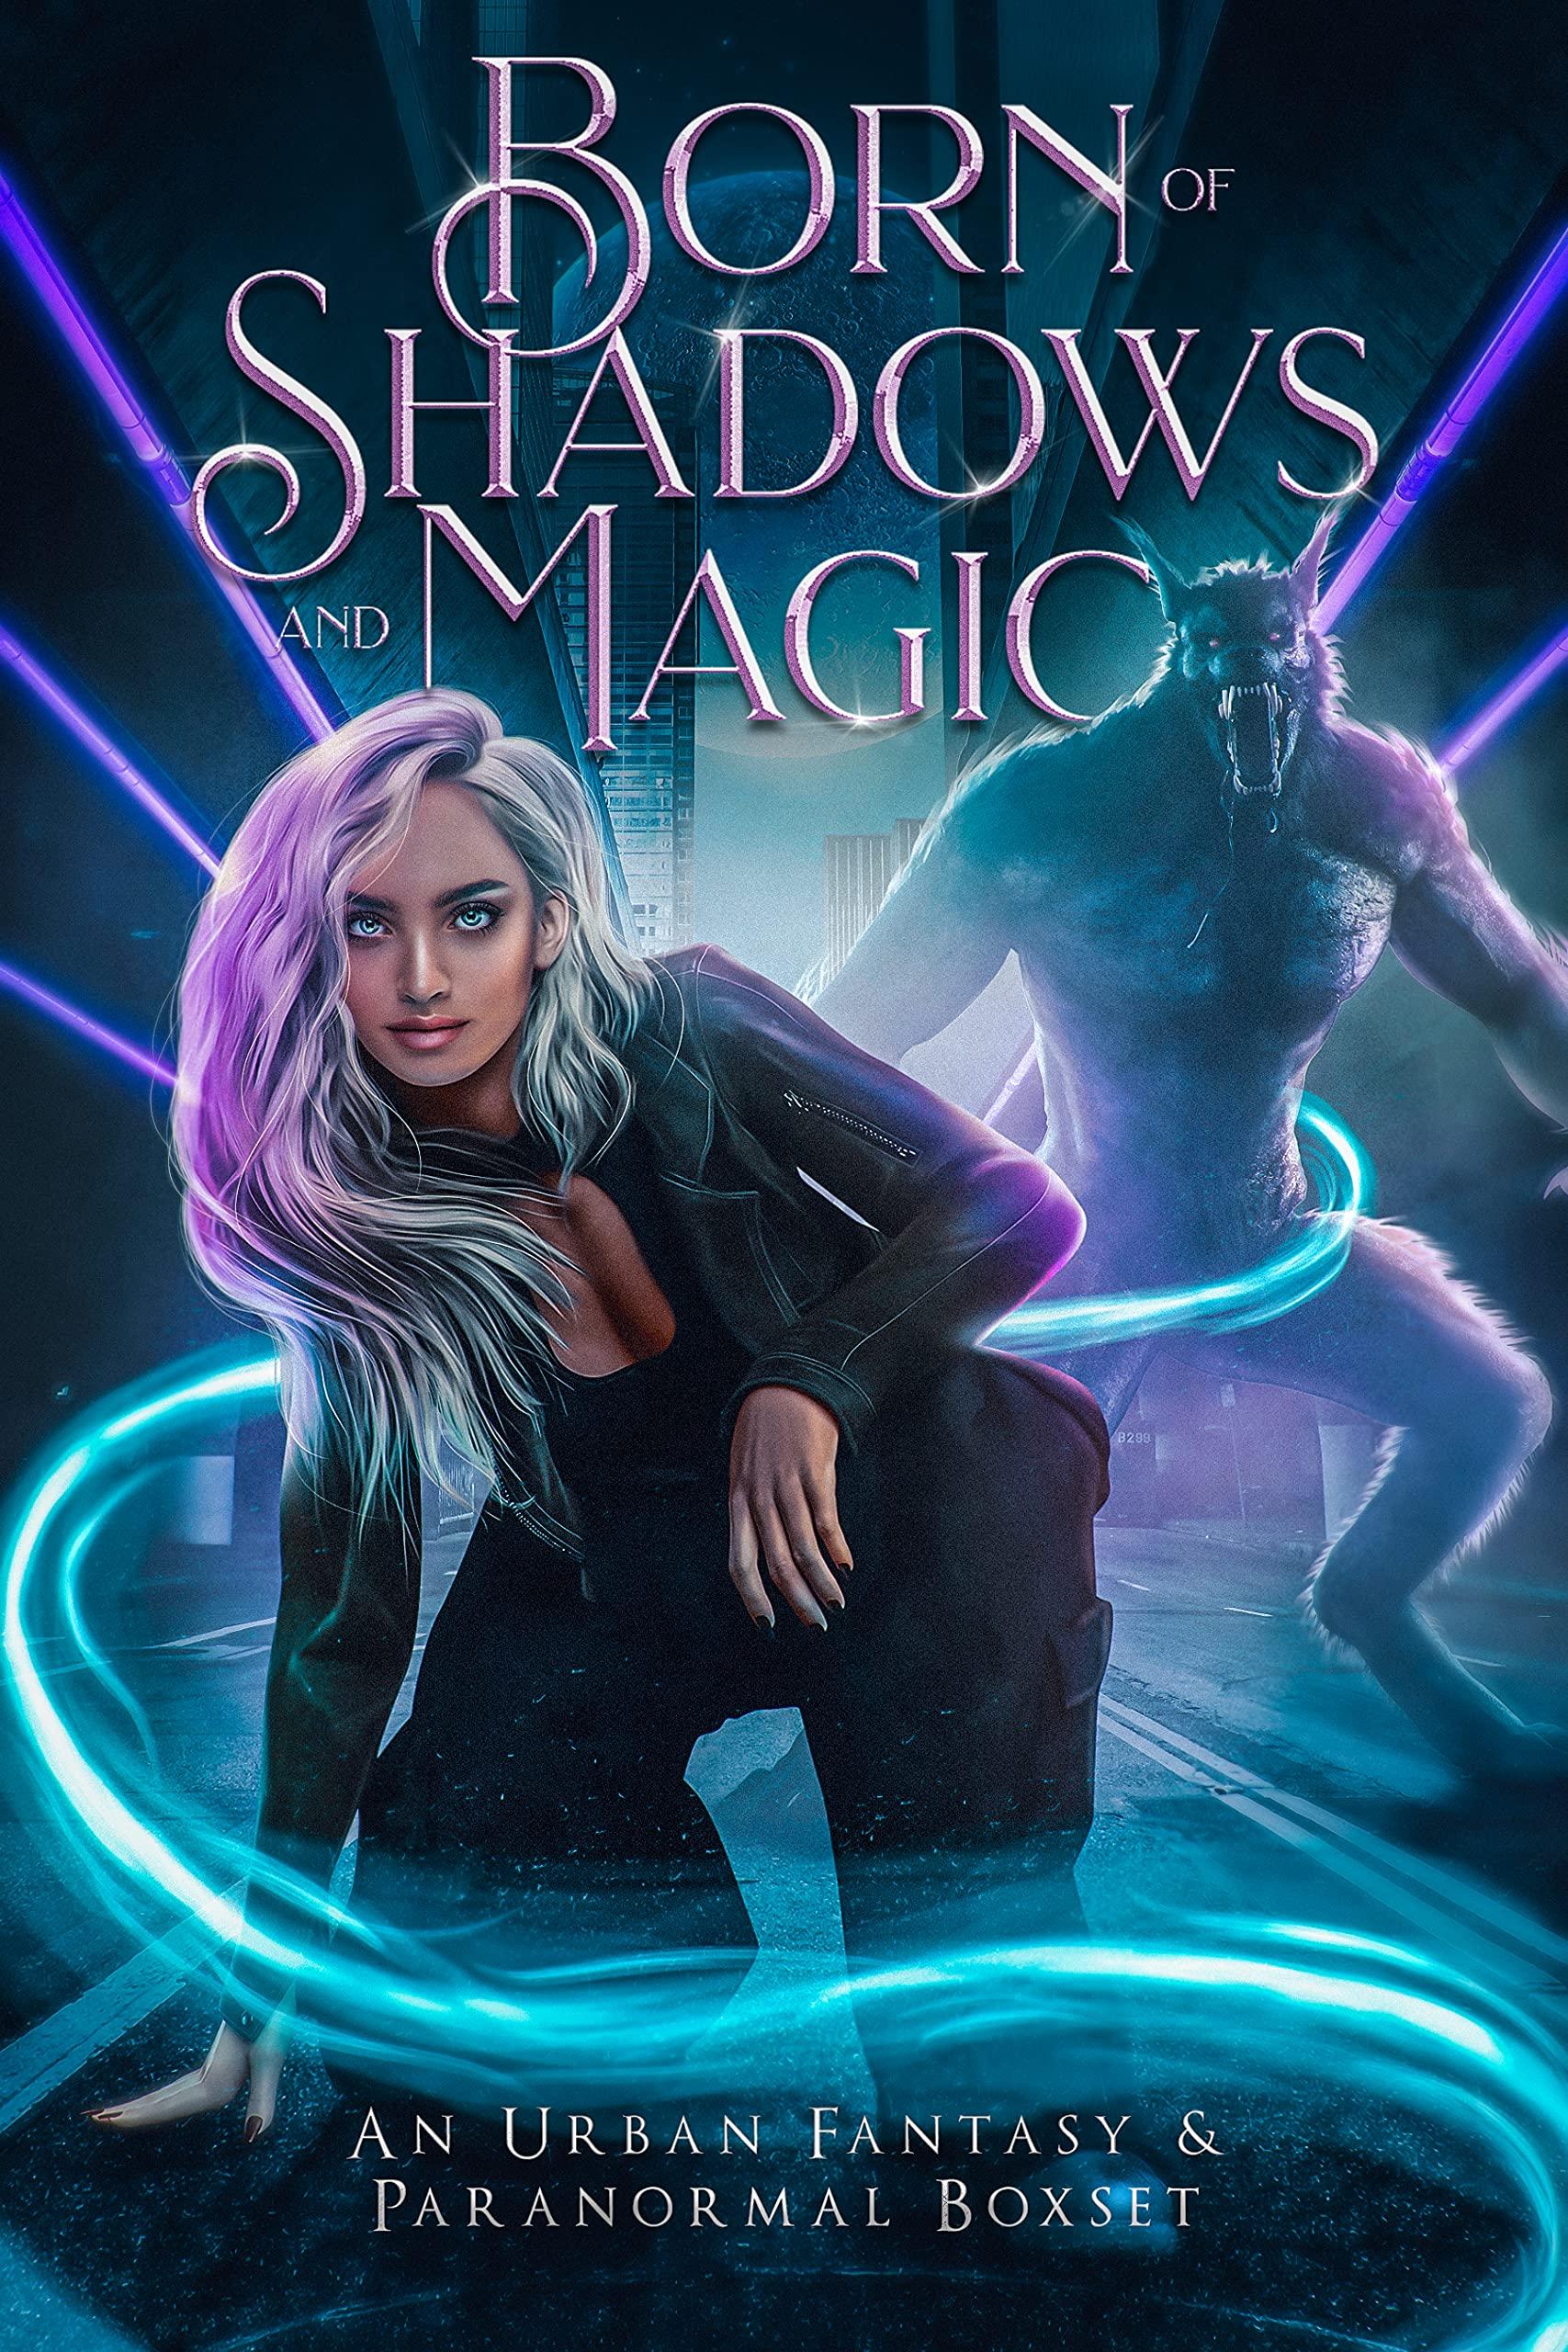 Born of Shadows and Magic: An Urban Fantasy & Paranormal Boxset